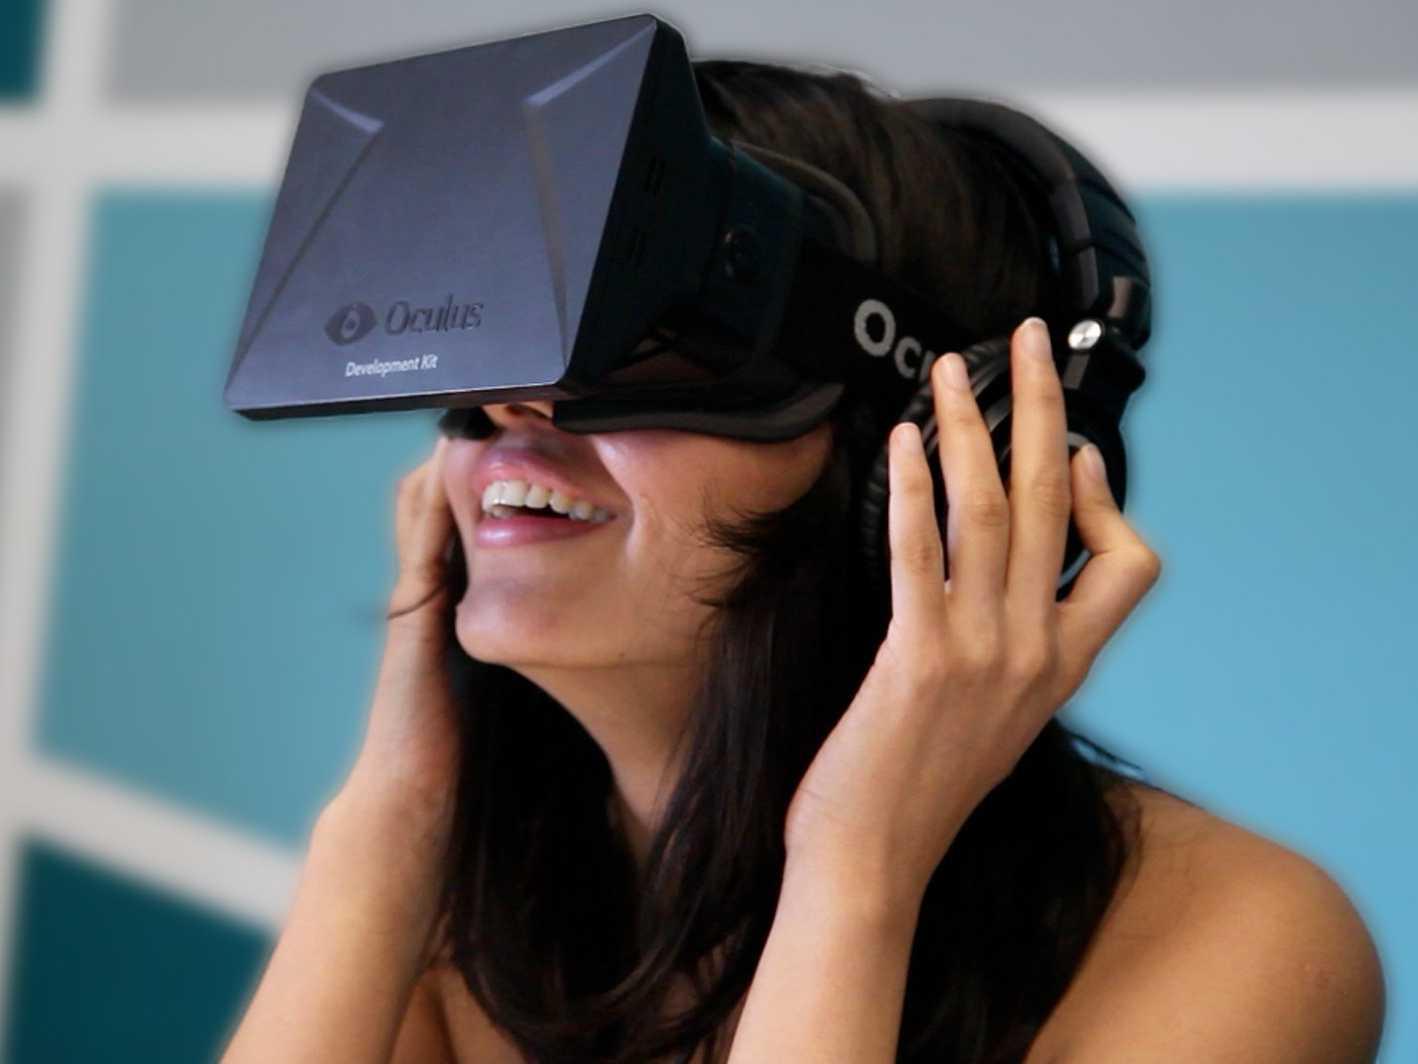 Είστε έτοιμοι για τη virtual reality εποχή;